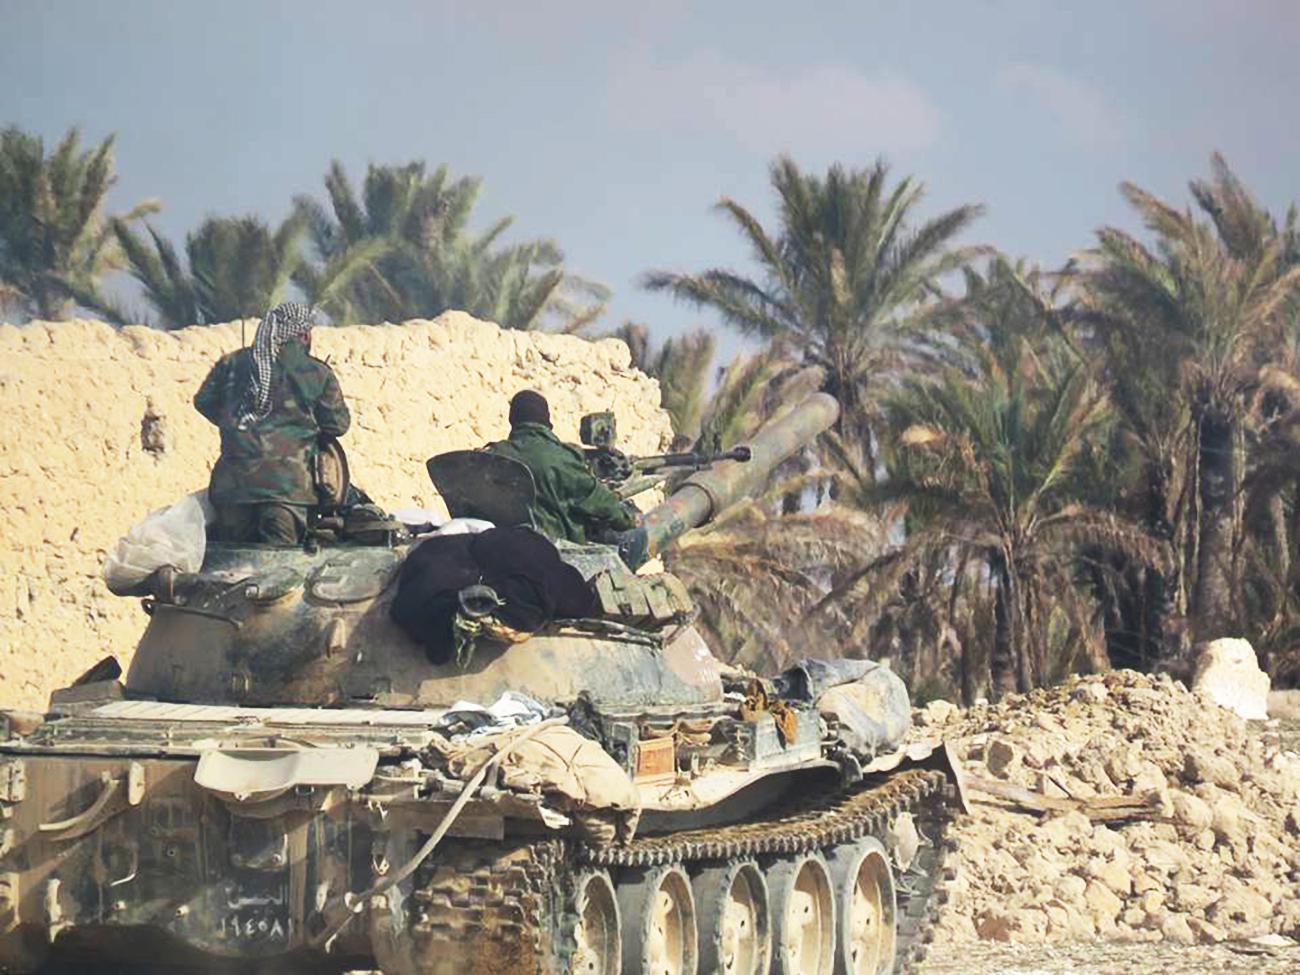 Pasukan pertahanan udara Suriah mengaku telah menembak jatuh dua dari empat pesawat tempur Israel yang melanggar wilayah udara negara tersebut.